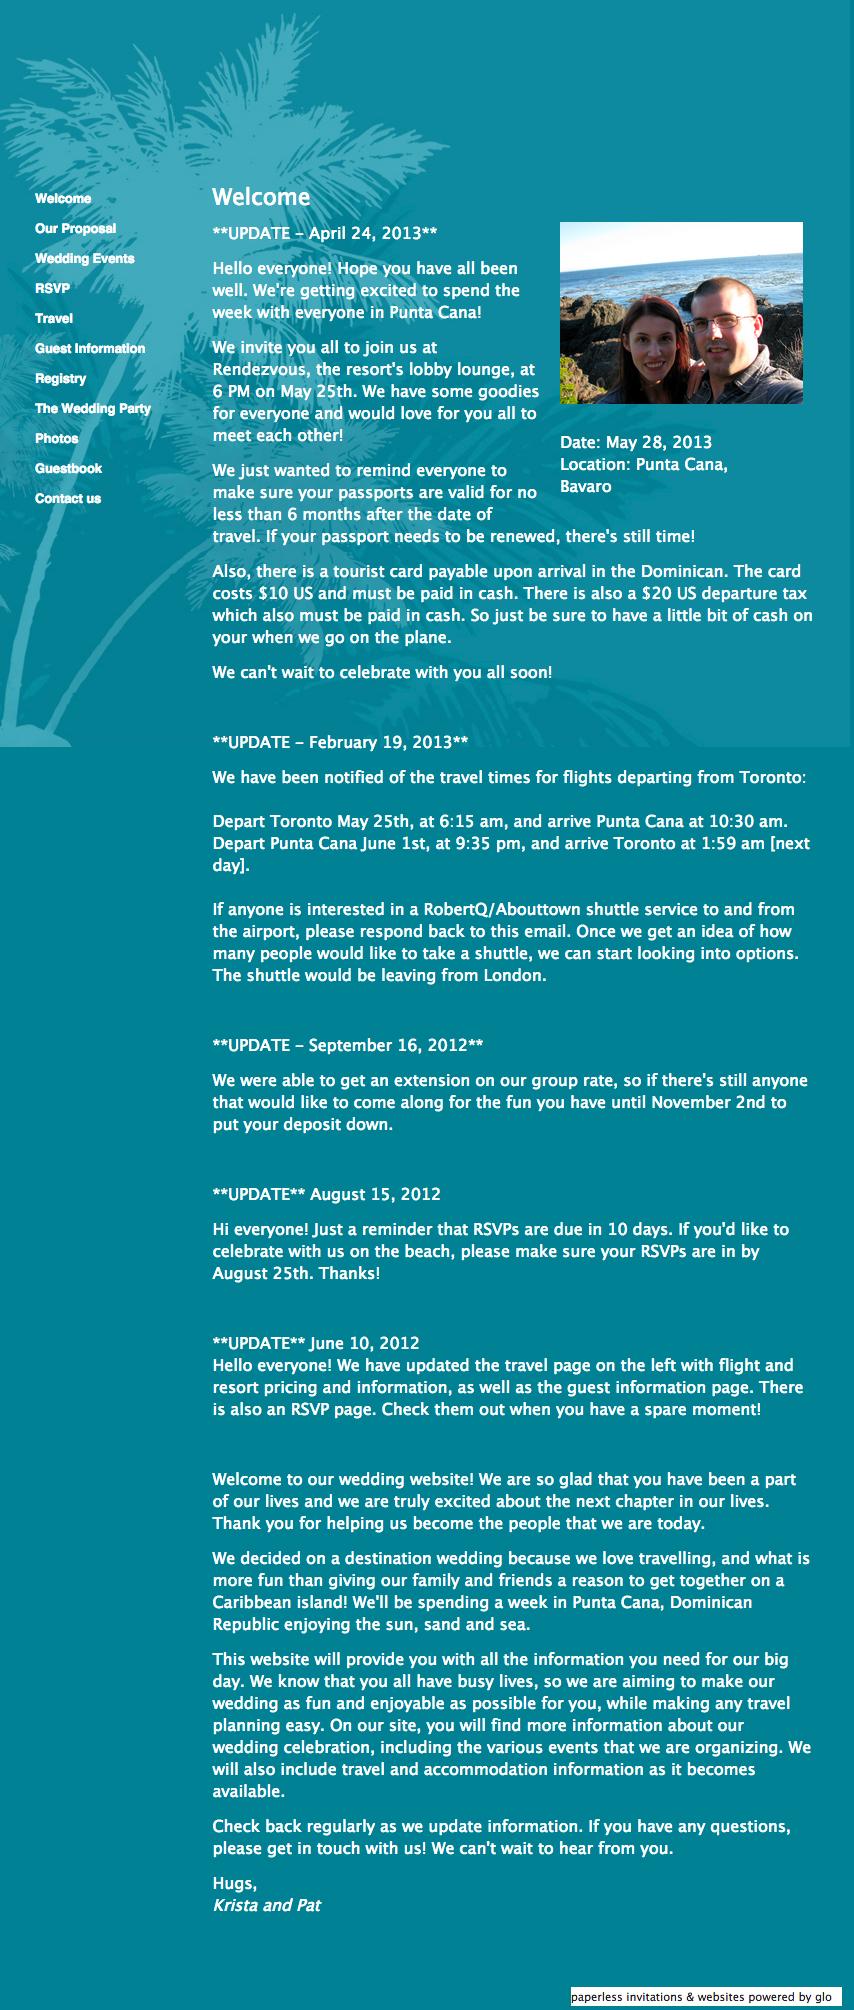 glosite wedding website welcome copy